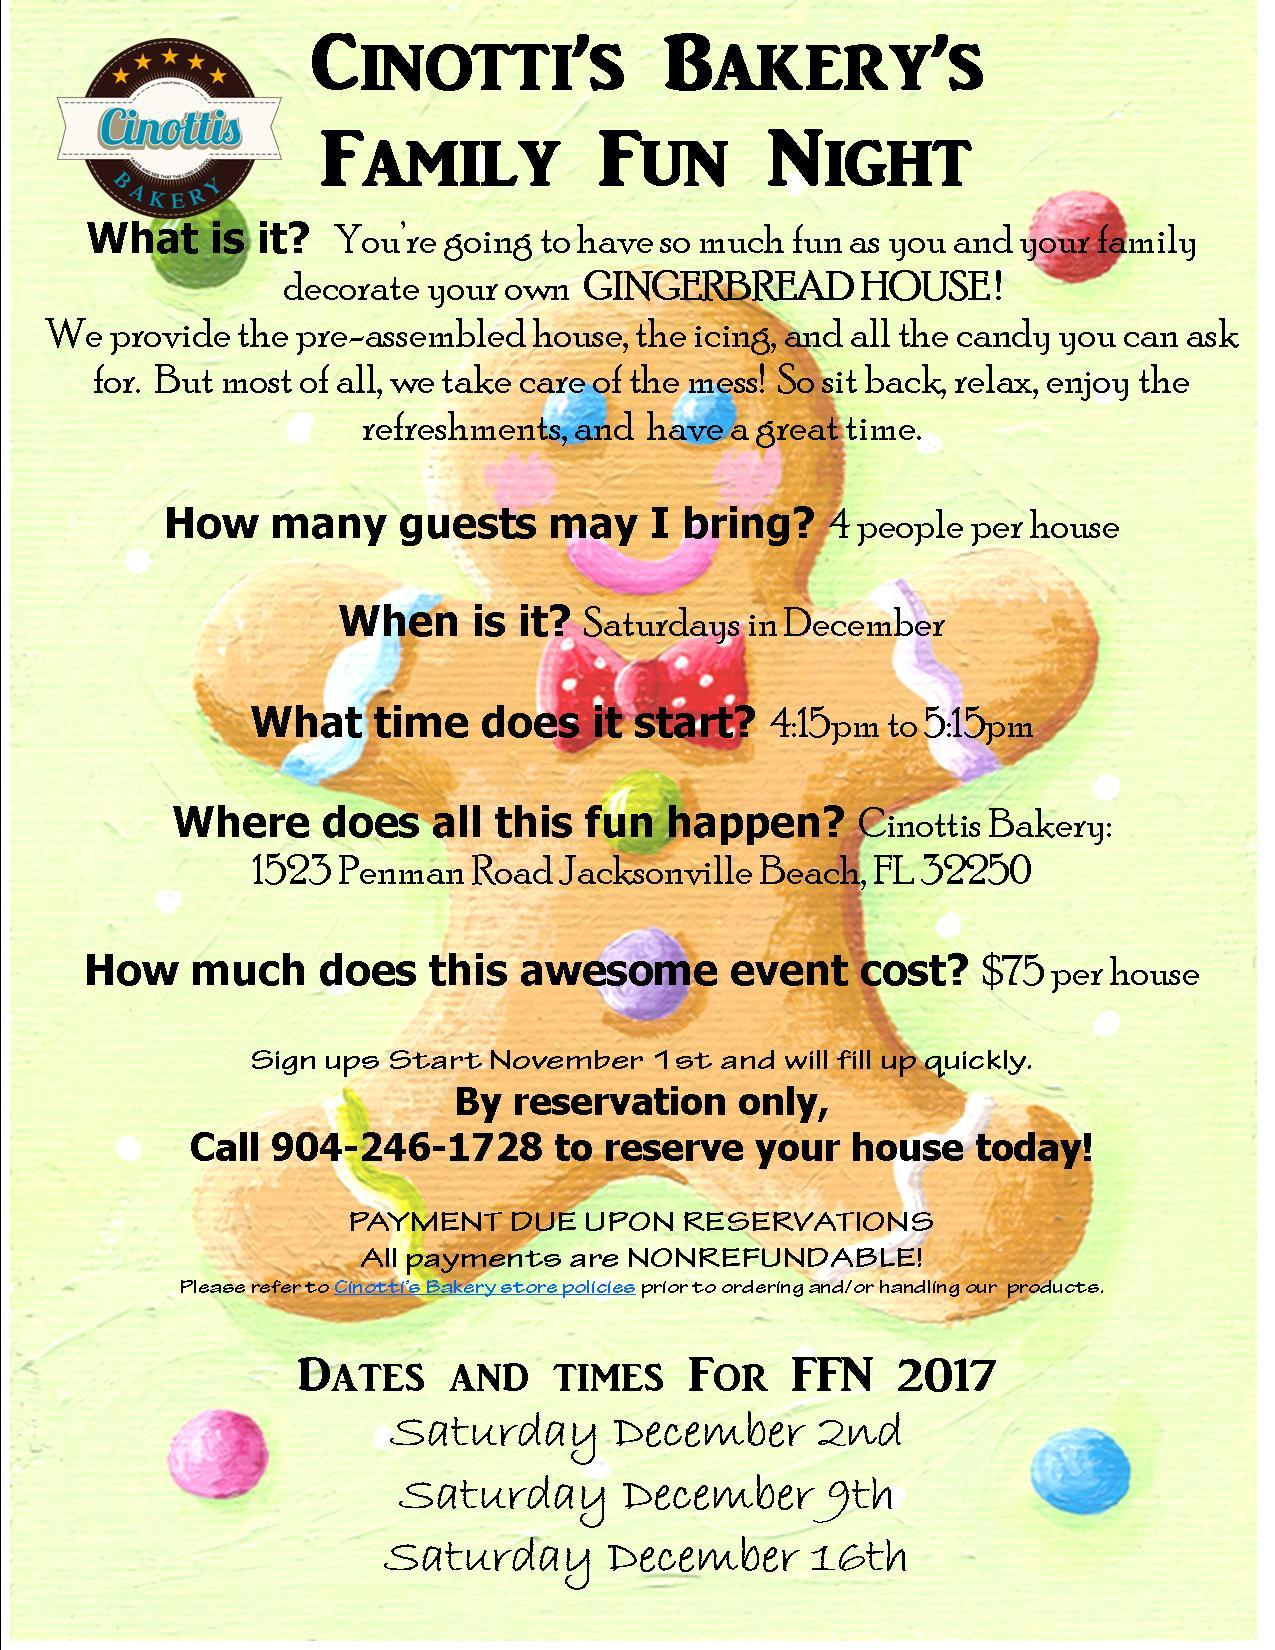 Gingerbread, FAMILY FUN NIGHTS 2017